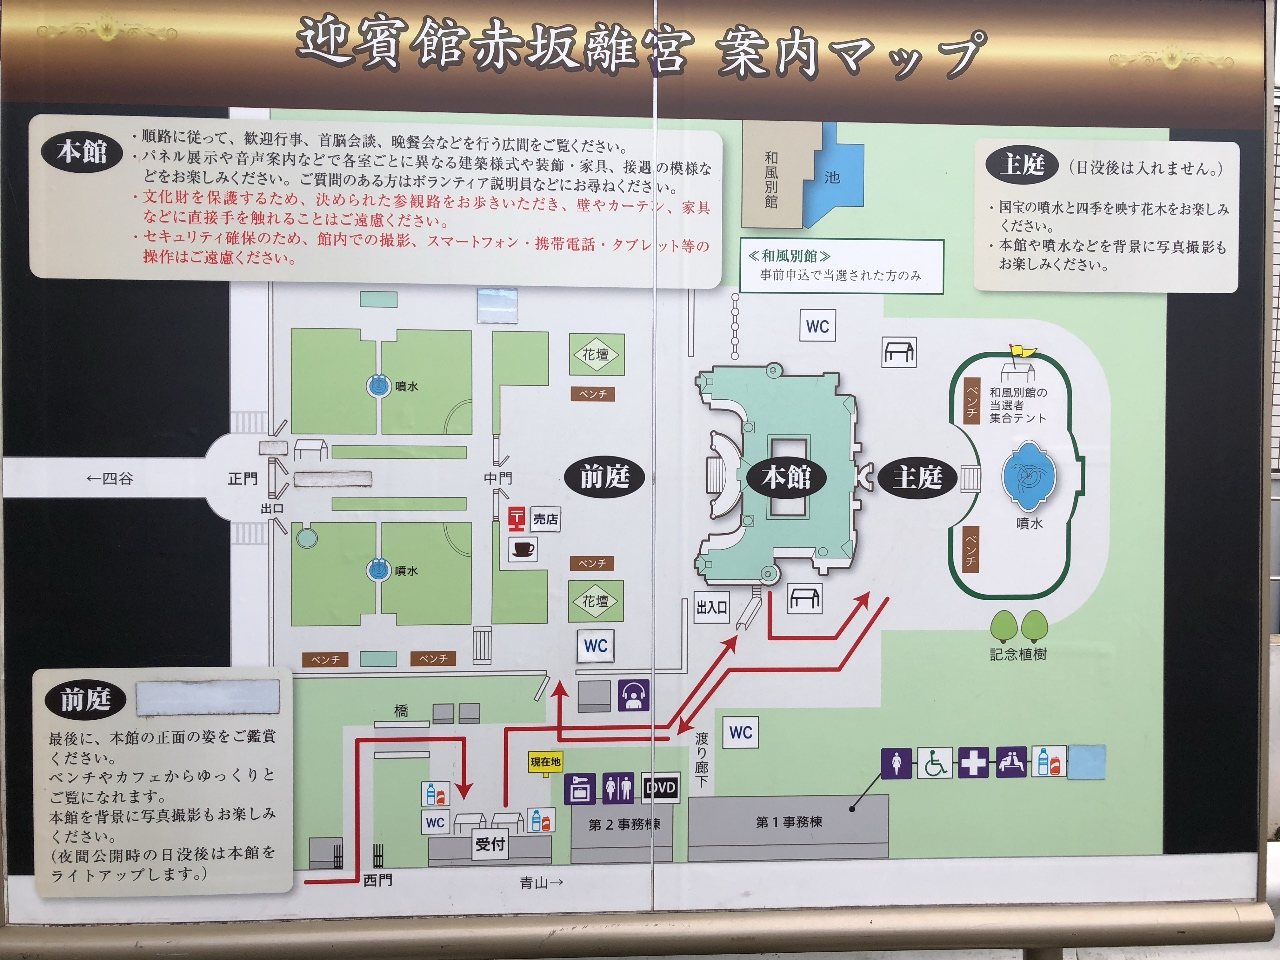 迎賓館 赤坂離宮 本館・庭園のアクセス・料金 テリー美山撮影画像